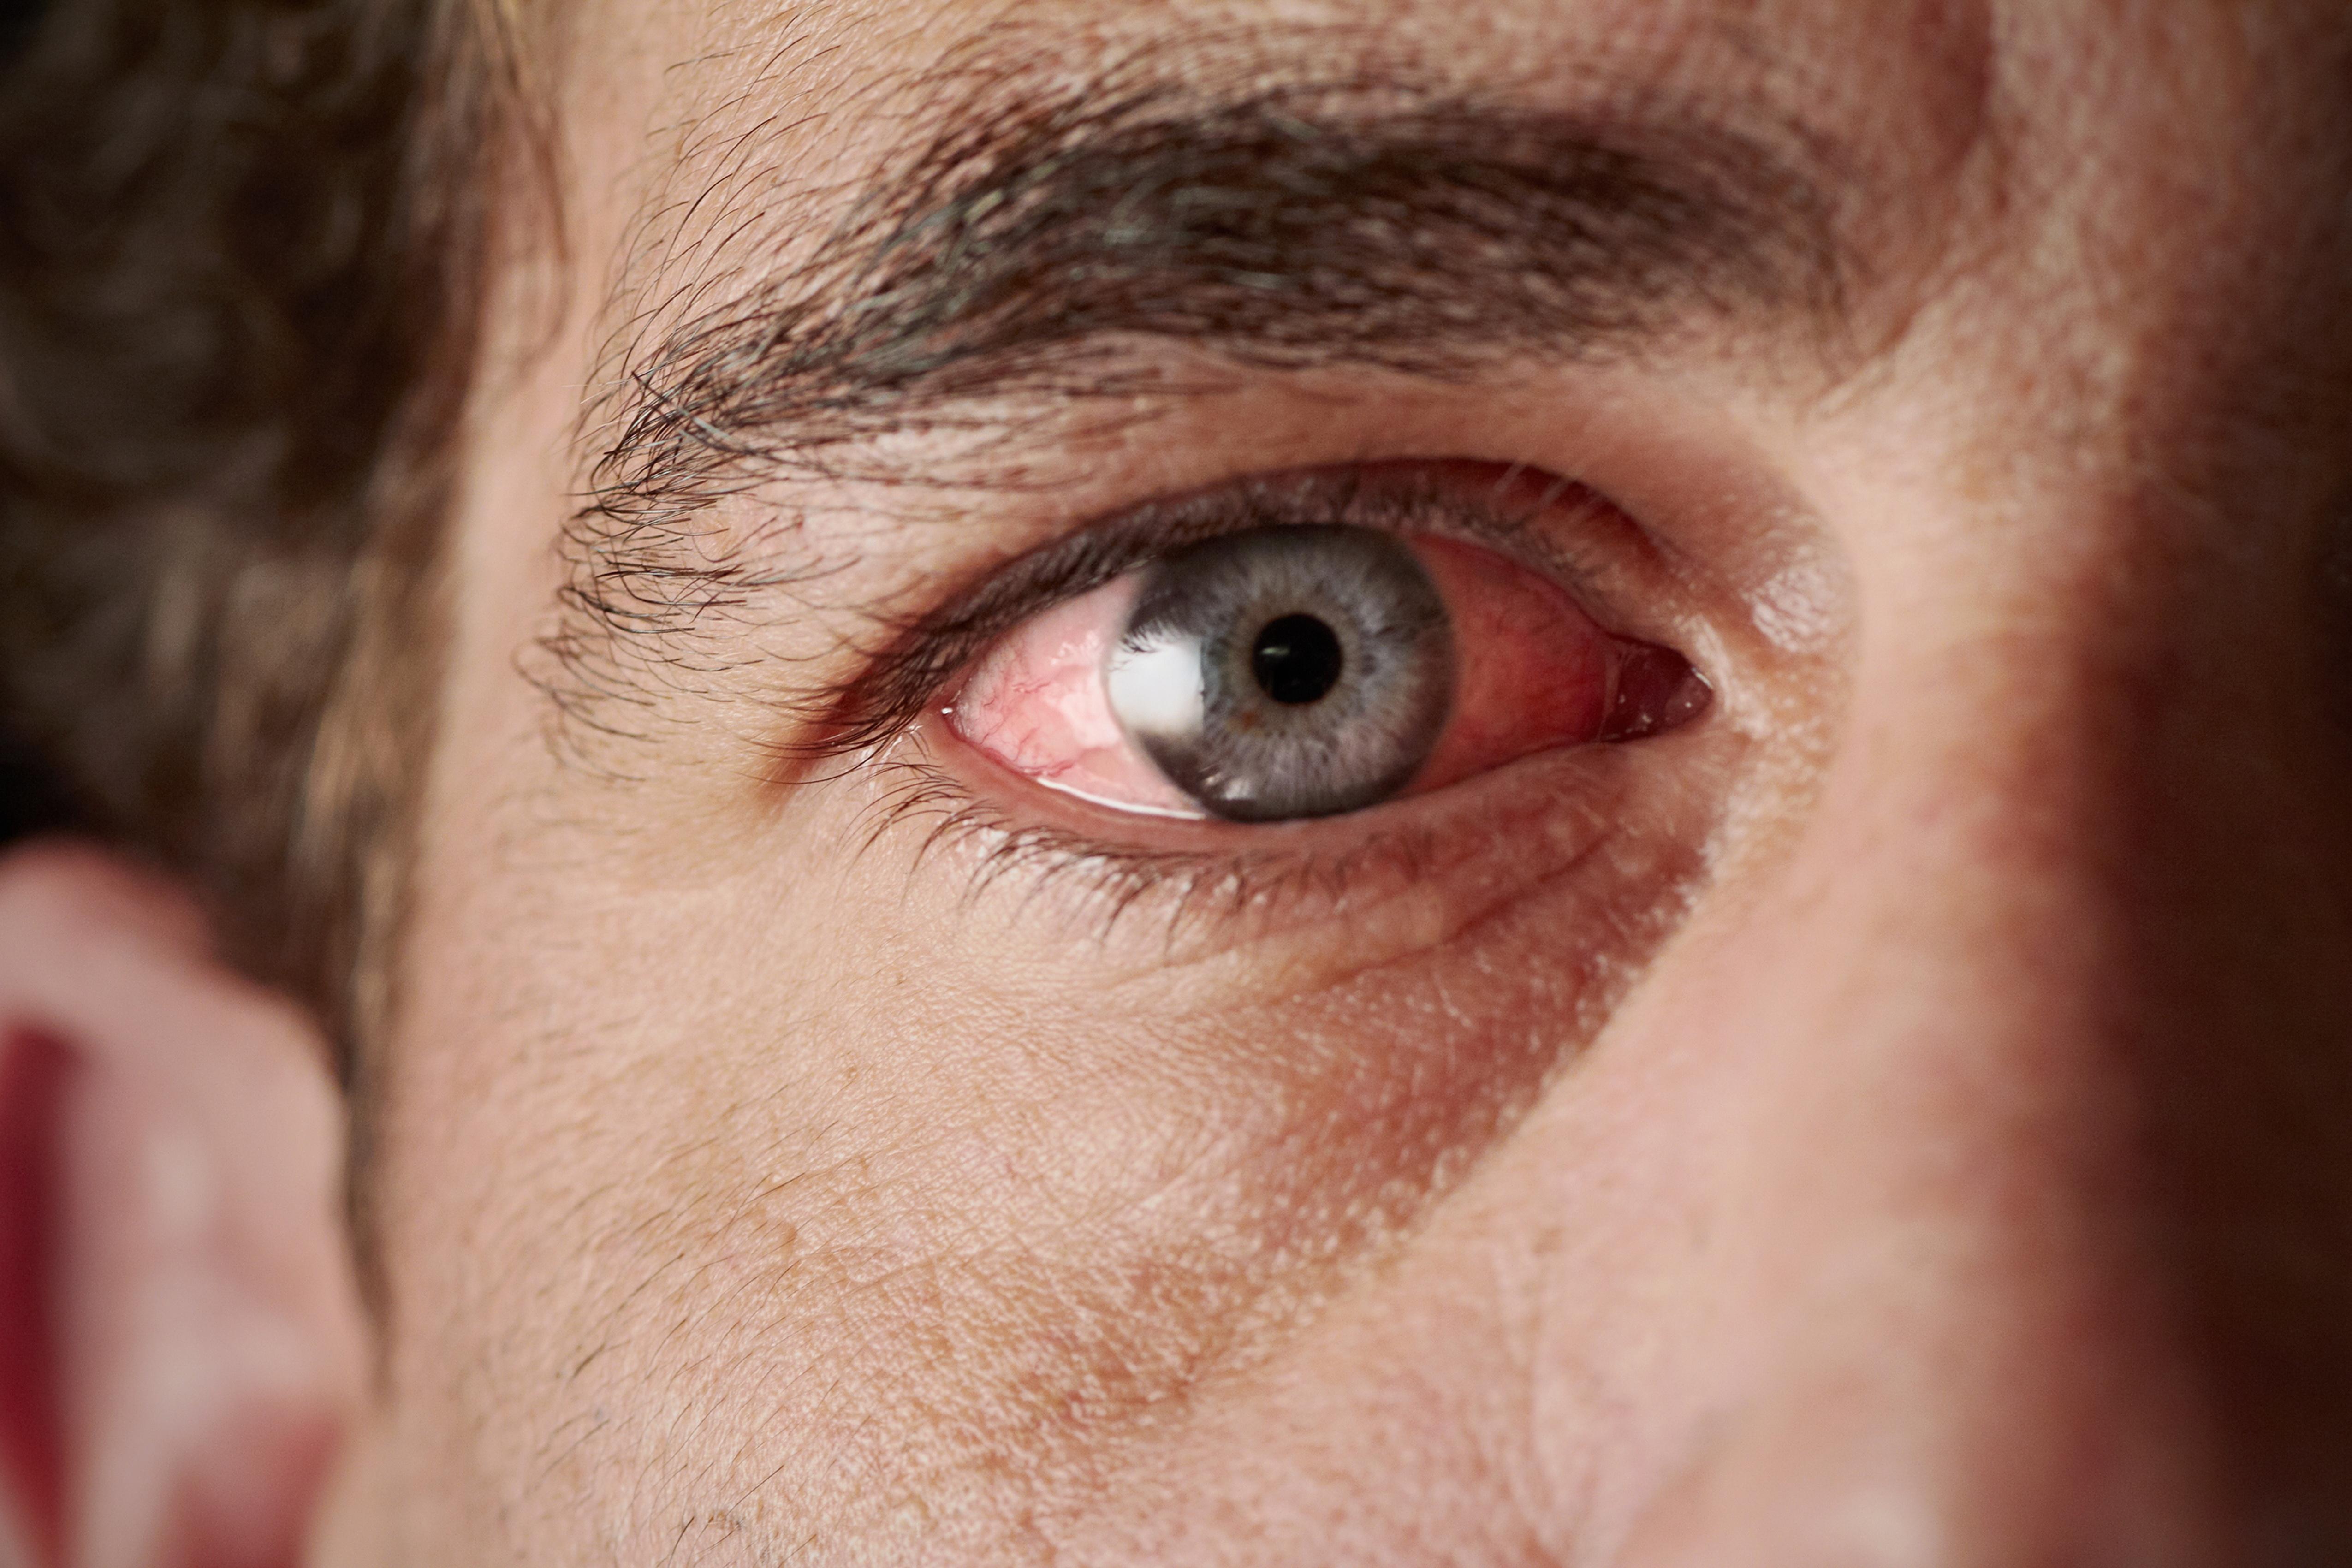 ha a szem alatt vörös pikkelyes foltok vannak